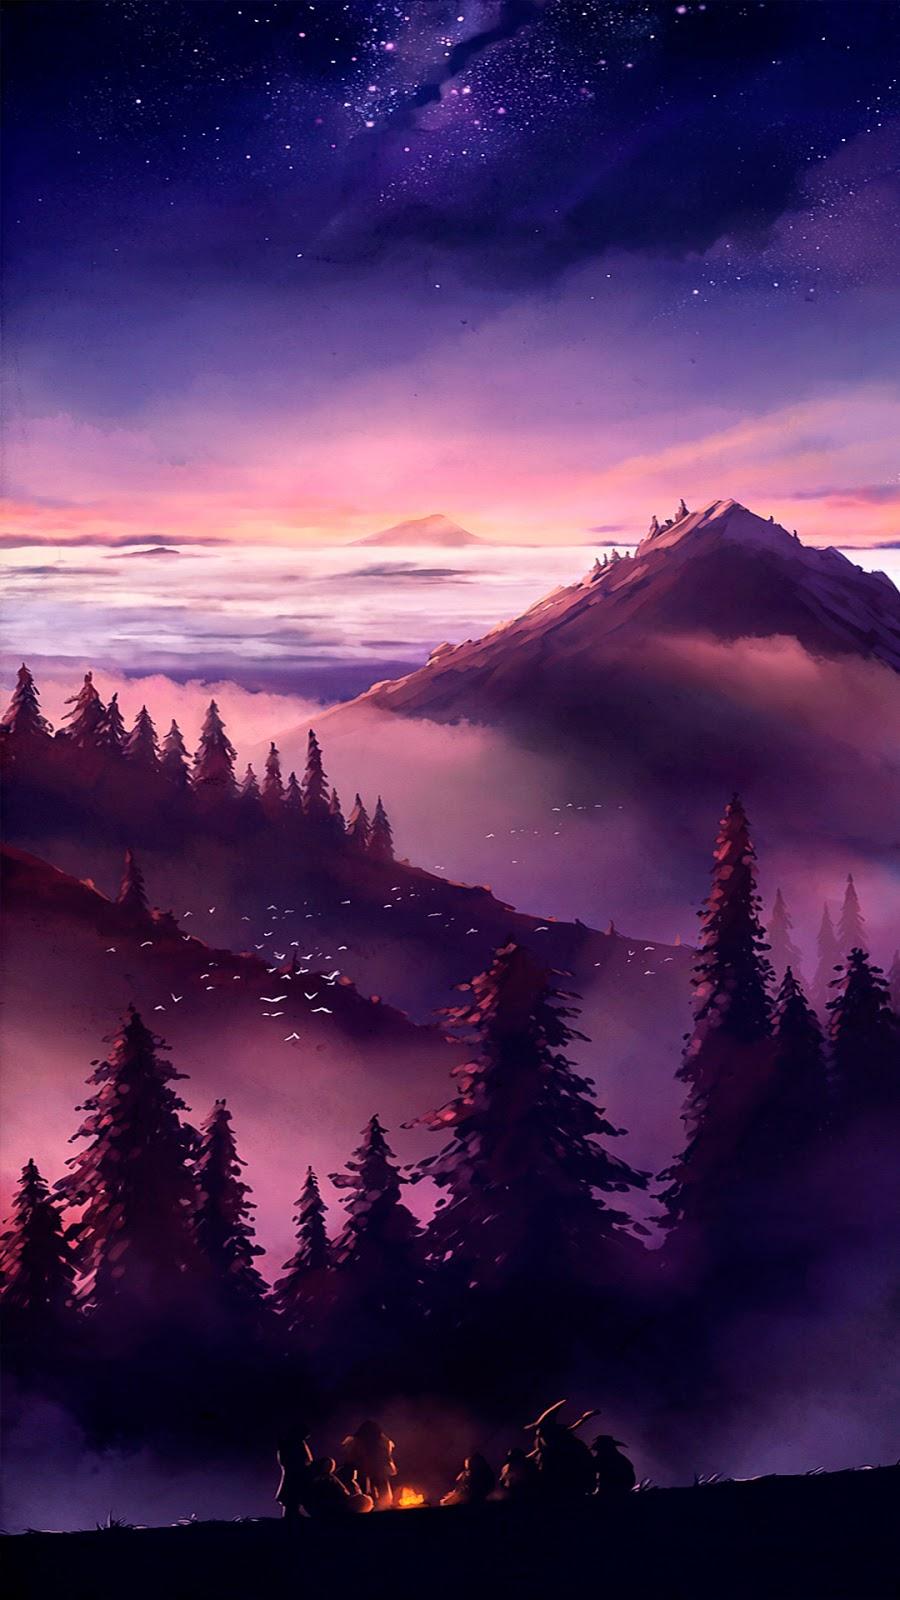 Twilight scenery